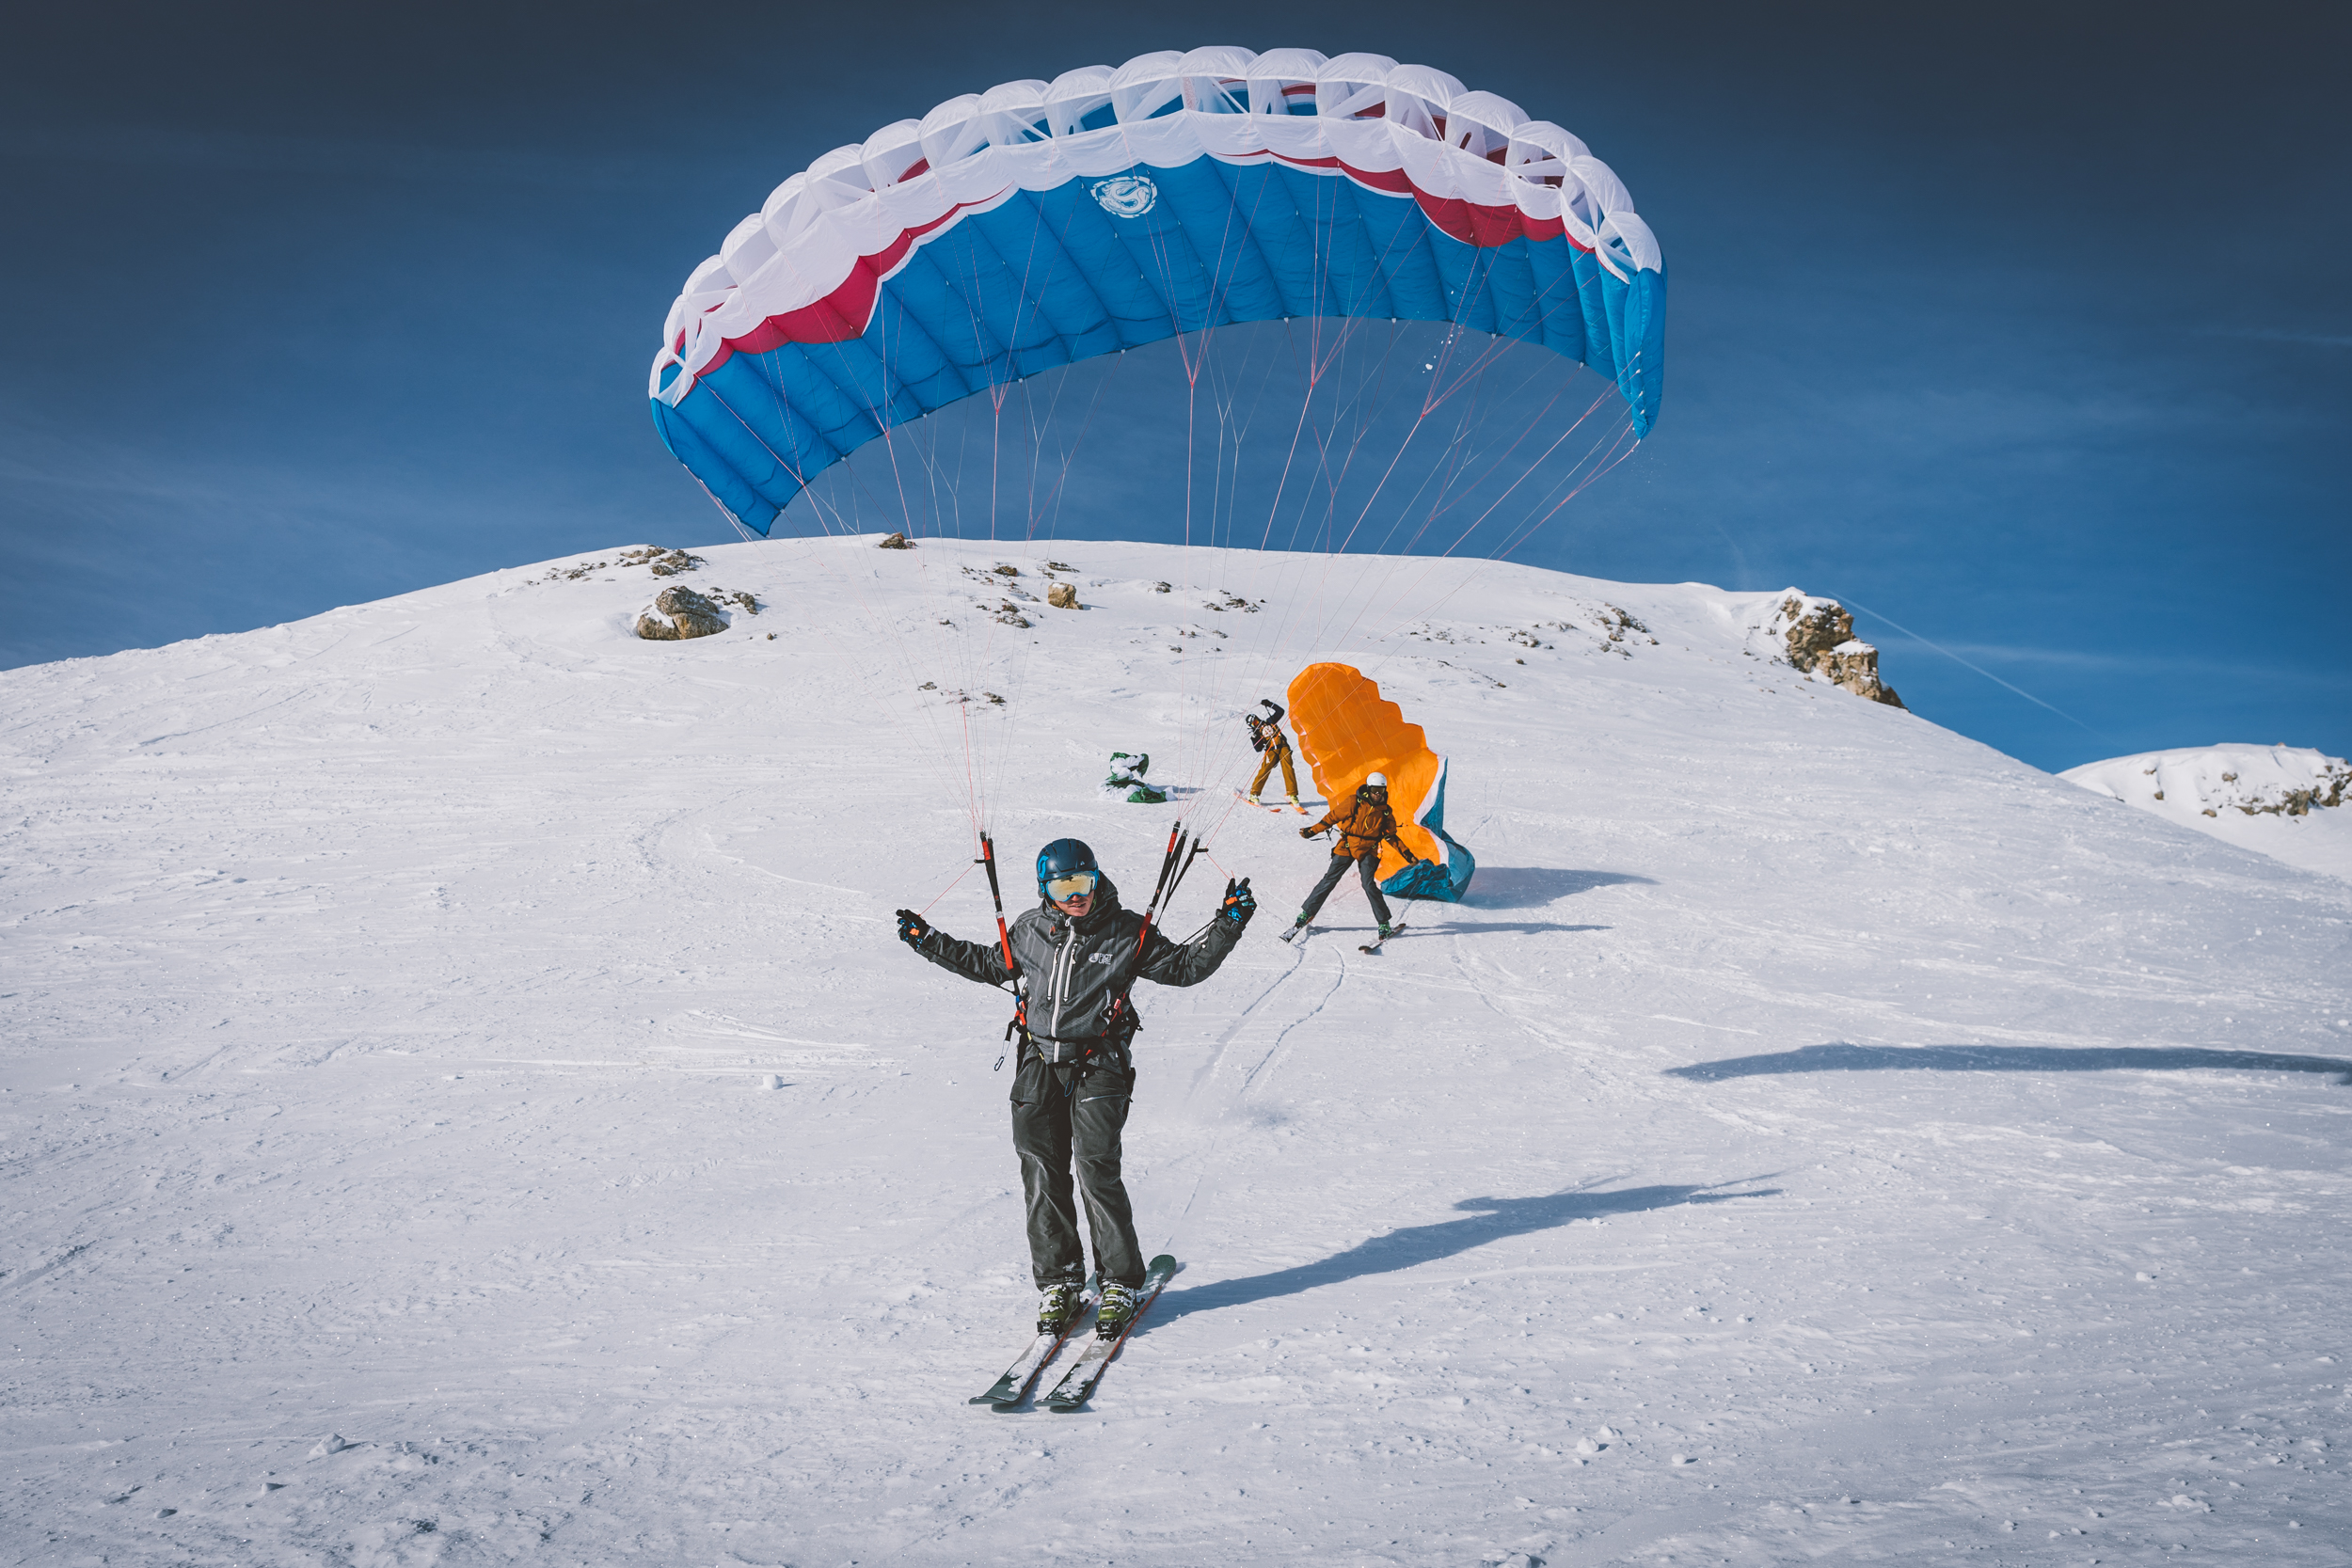 Infrarouge Val d'Isère 2019_Florian Léger_SHARE & DARE-149.jpg